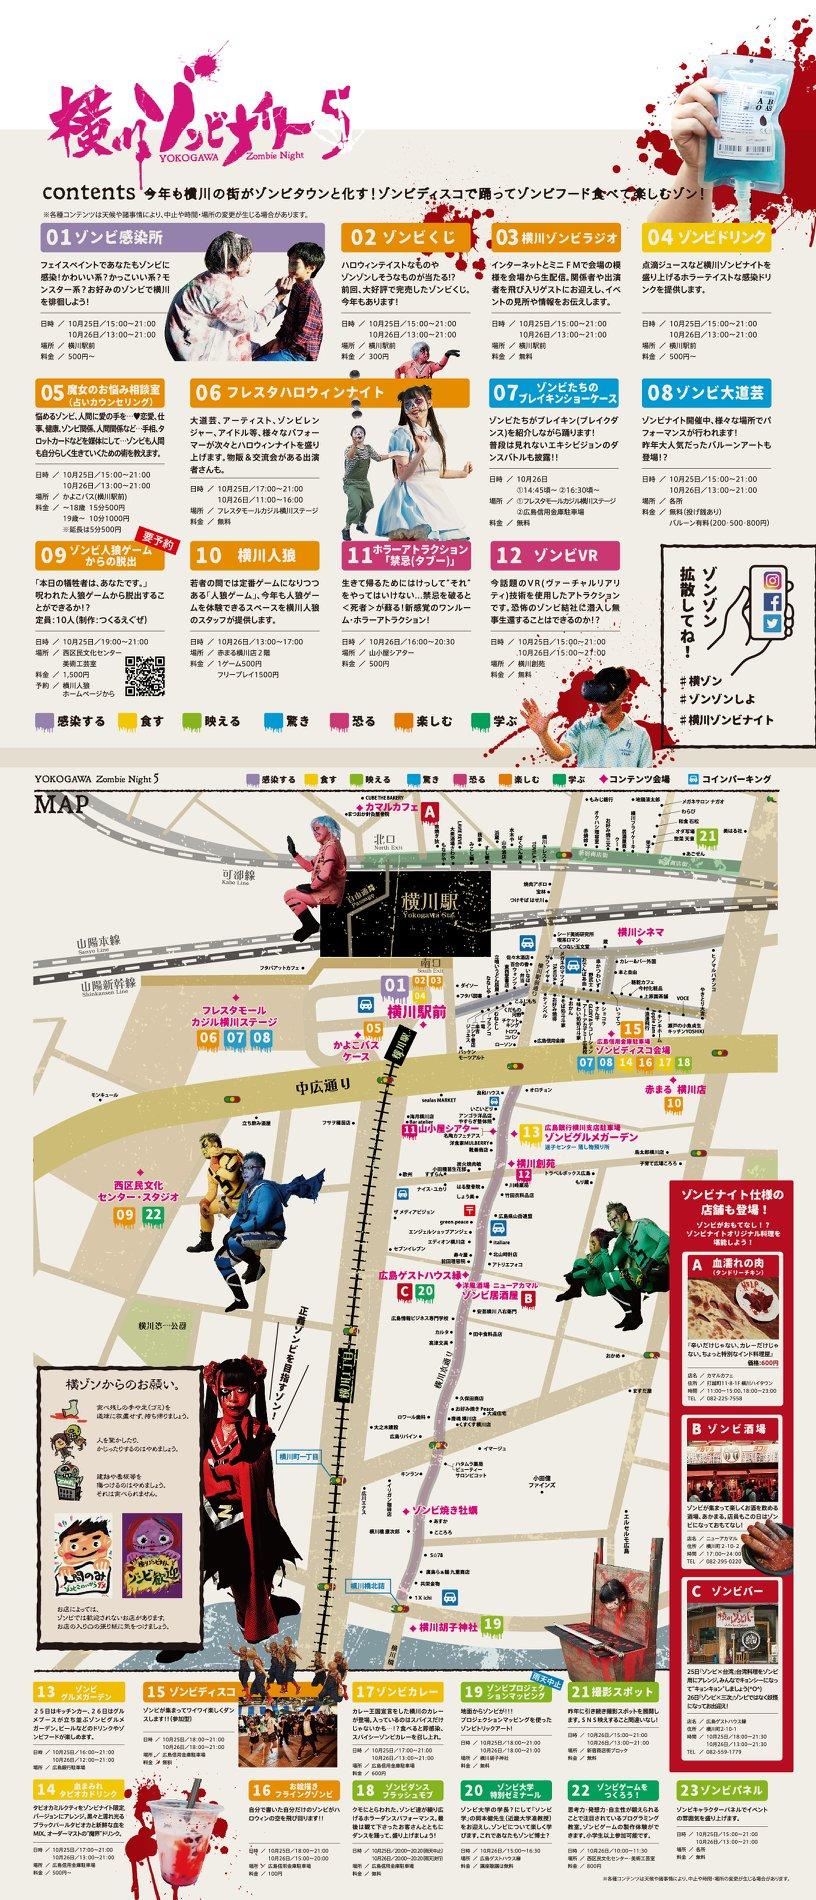 横川ゾンビナイト5マップ